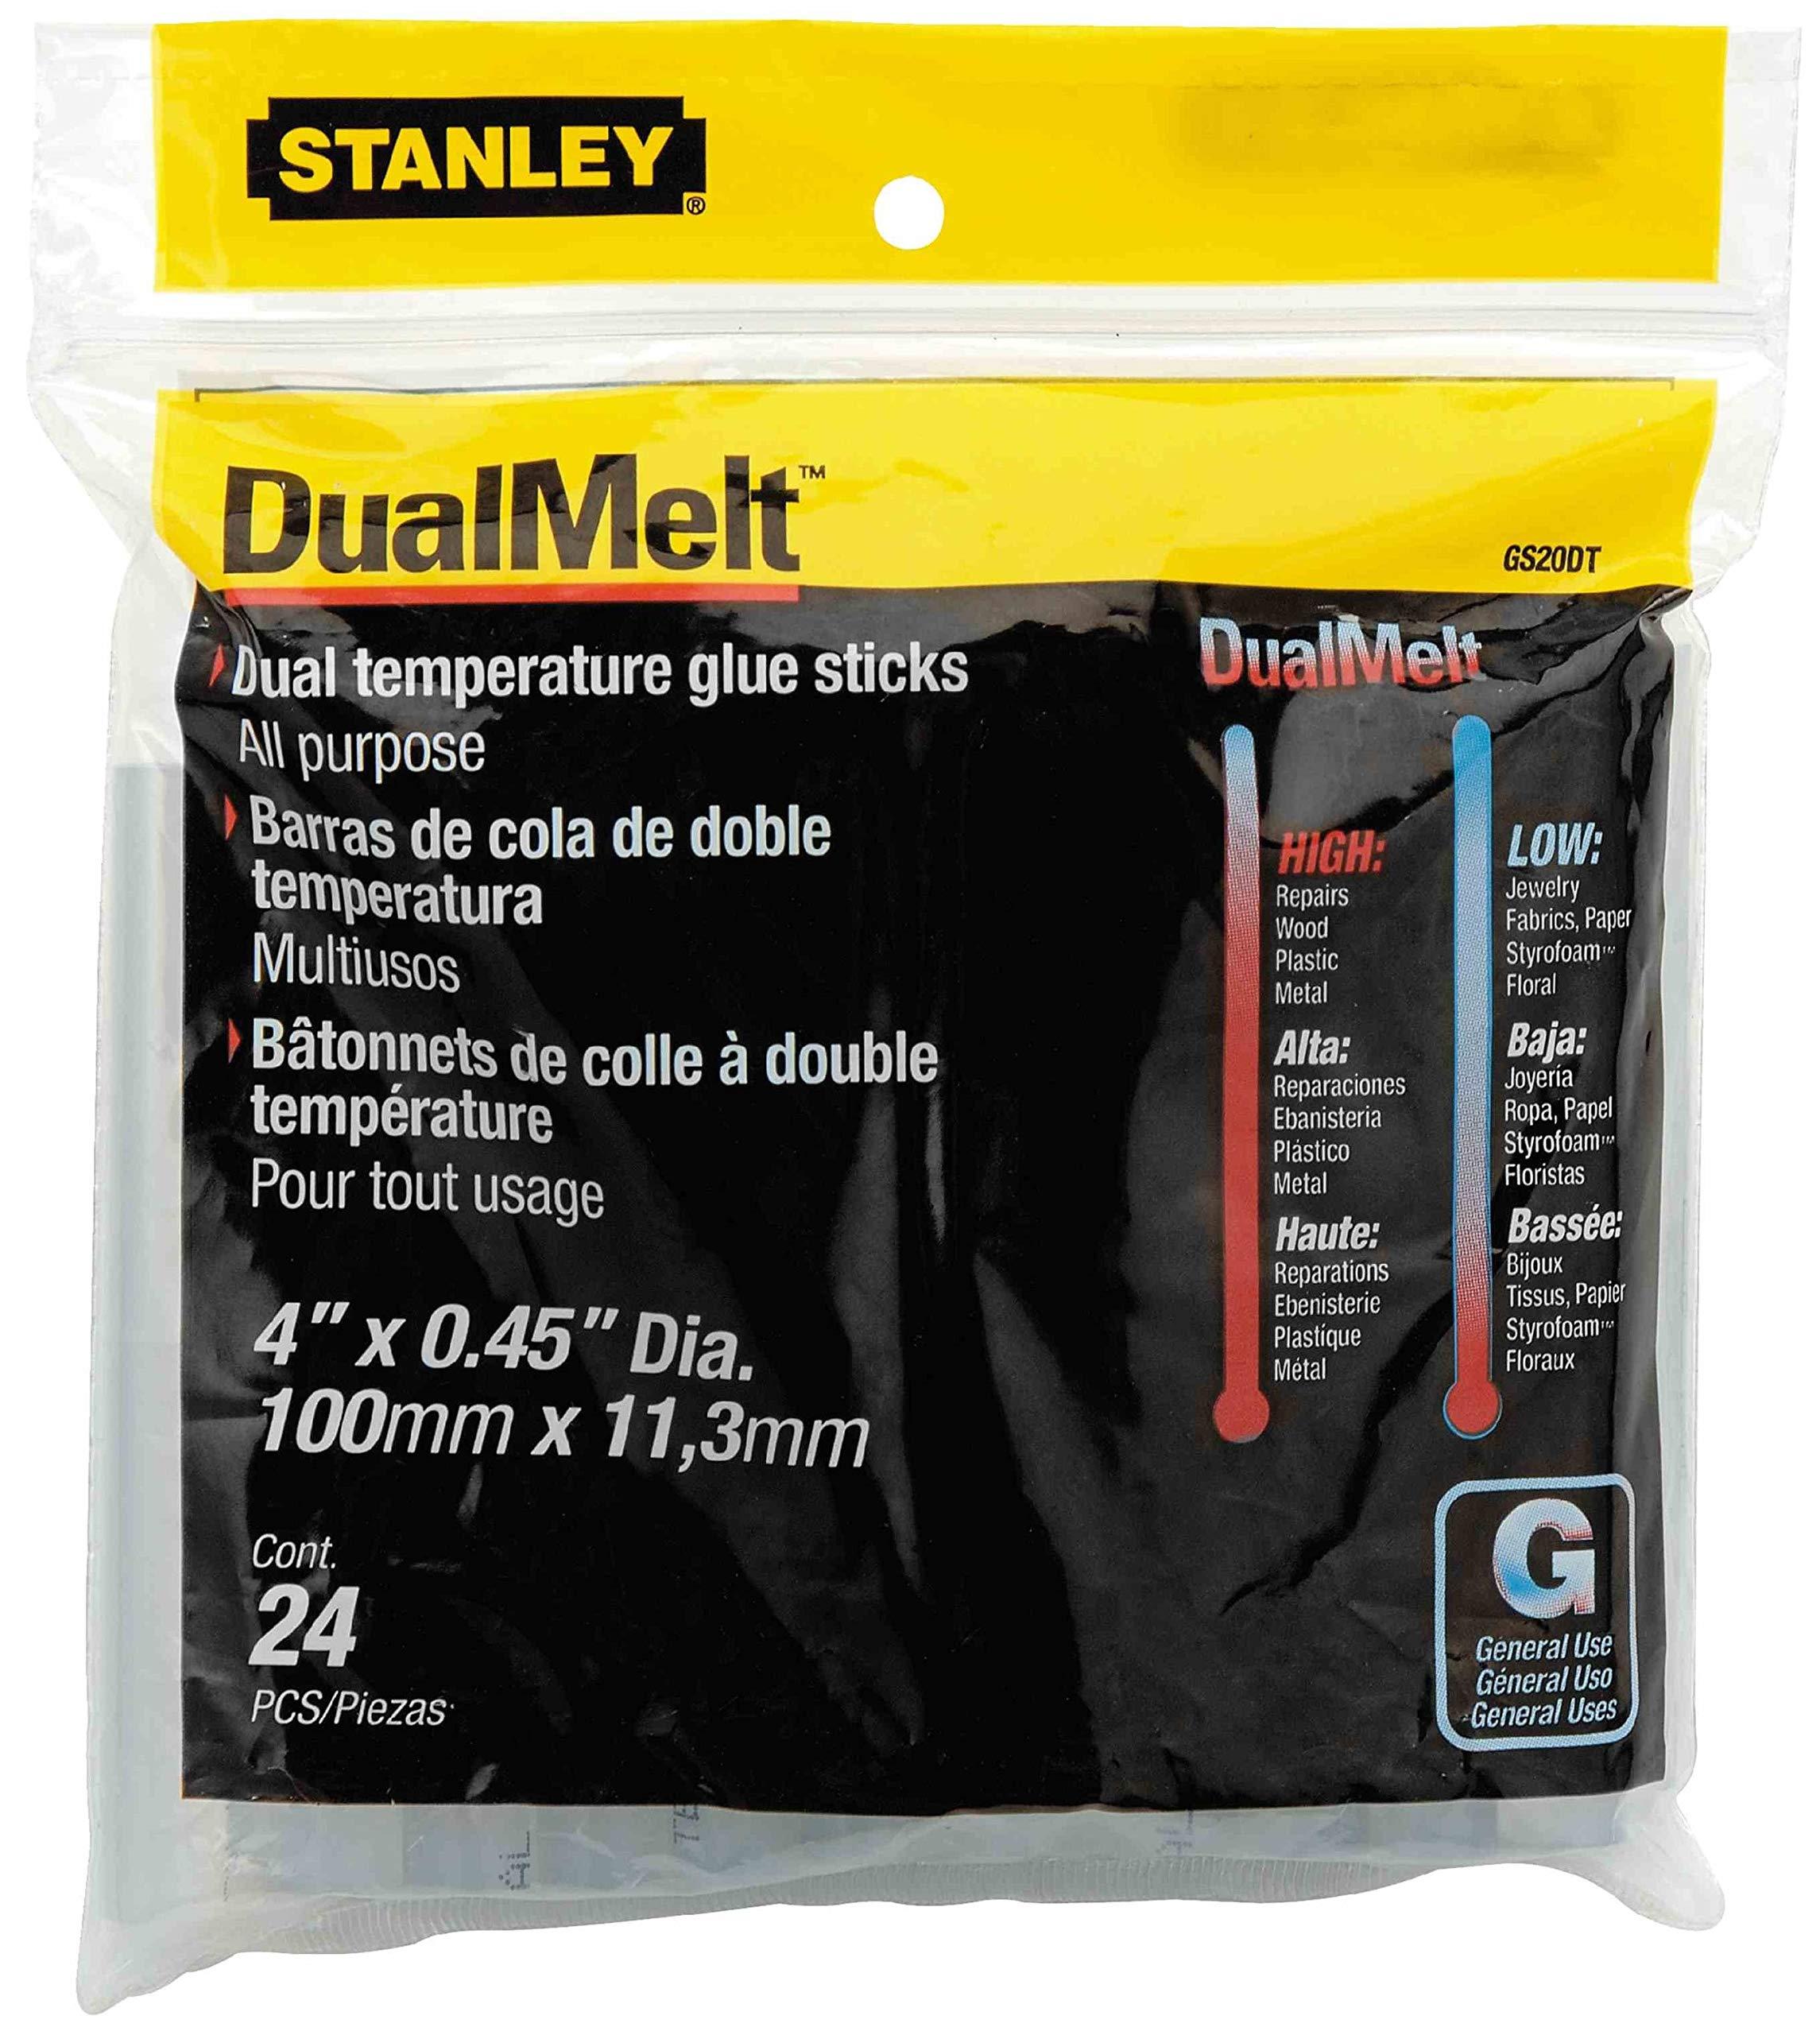 Stanley Bostitch Dual Temperature Glue Sticks, 4 In Stick, 24/Pack, Case of 5 Packs by BOSTITCH